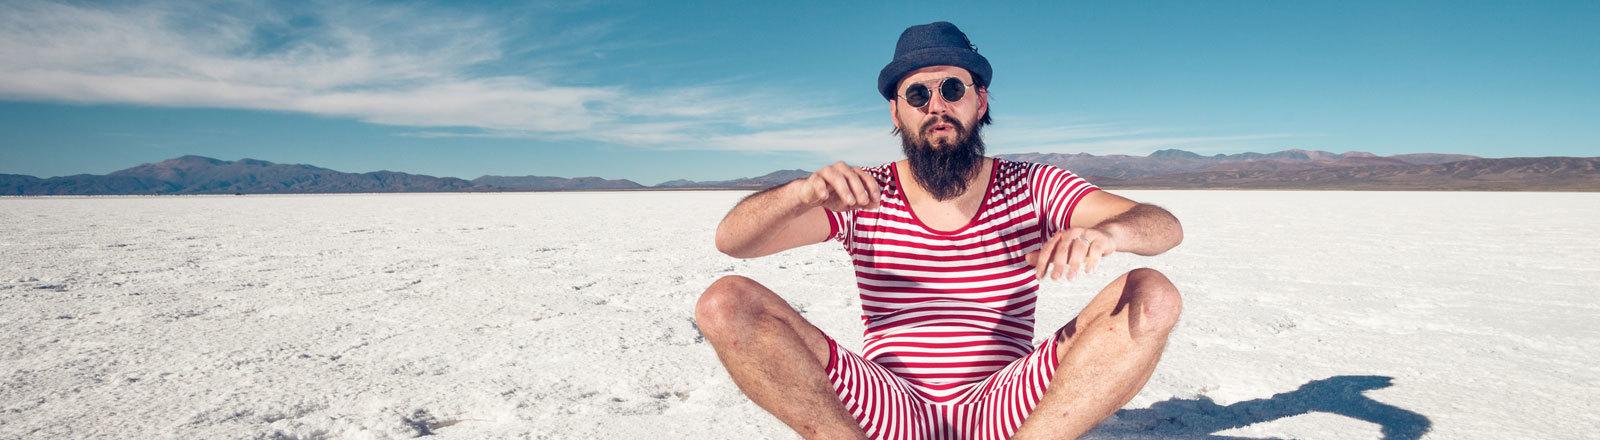 Ein Mann sitzt auf Sand